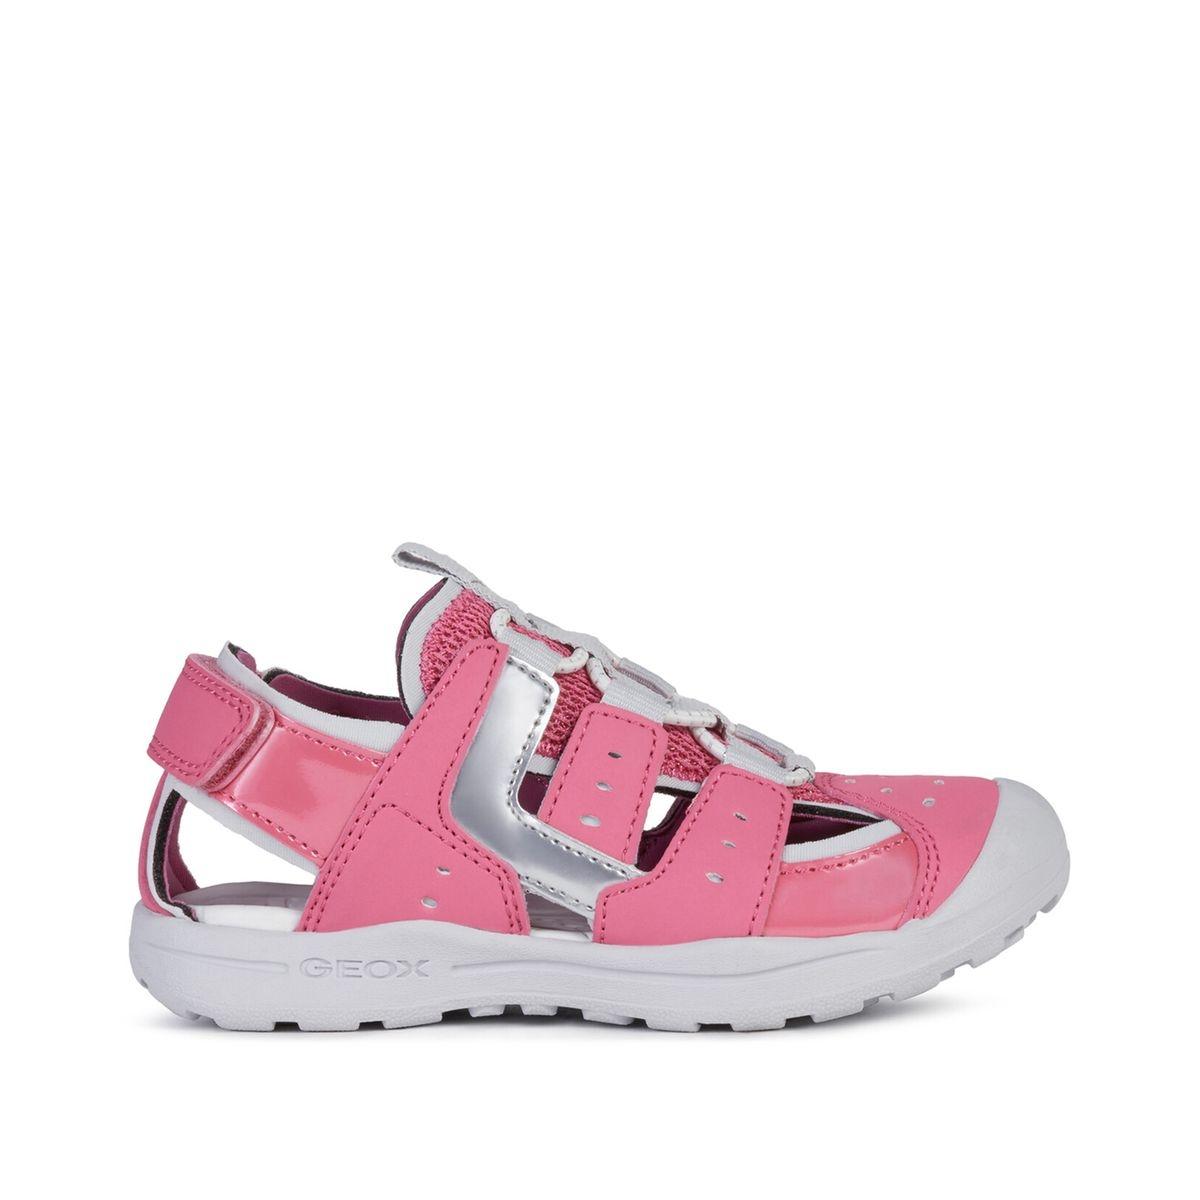 Sandales Vaniett